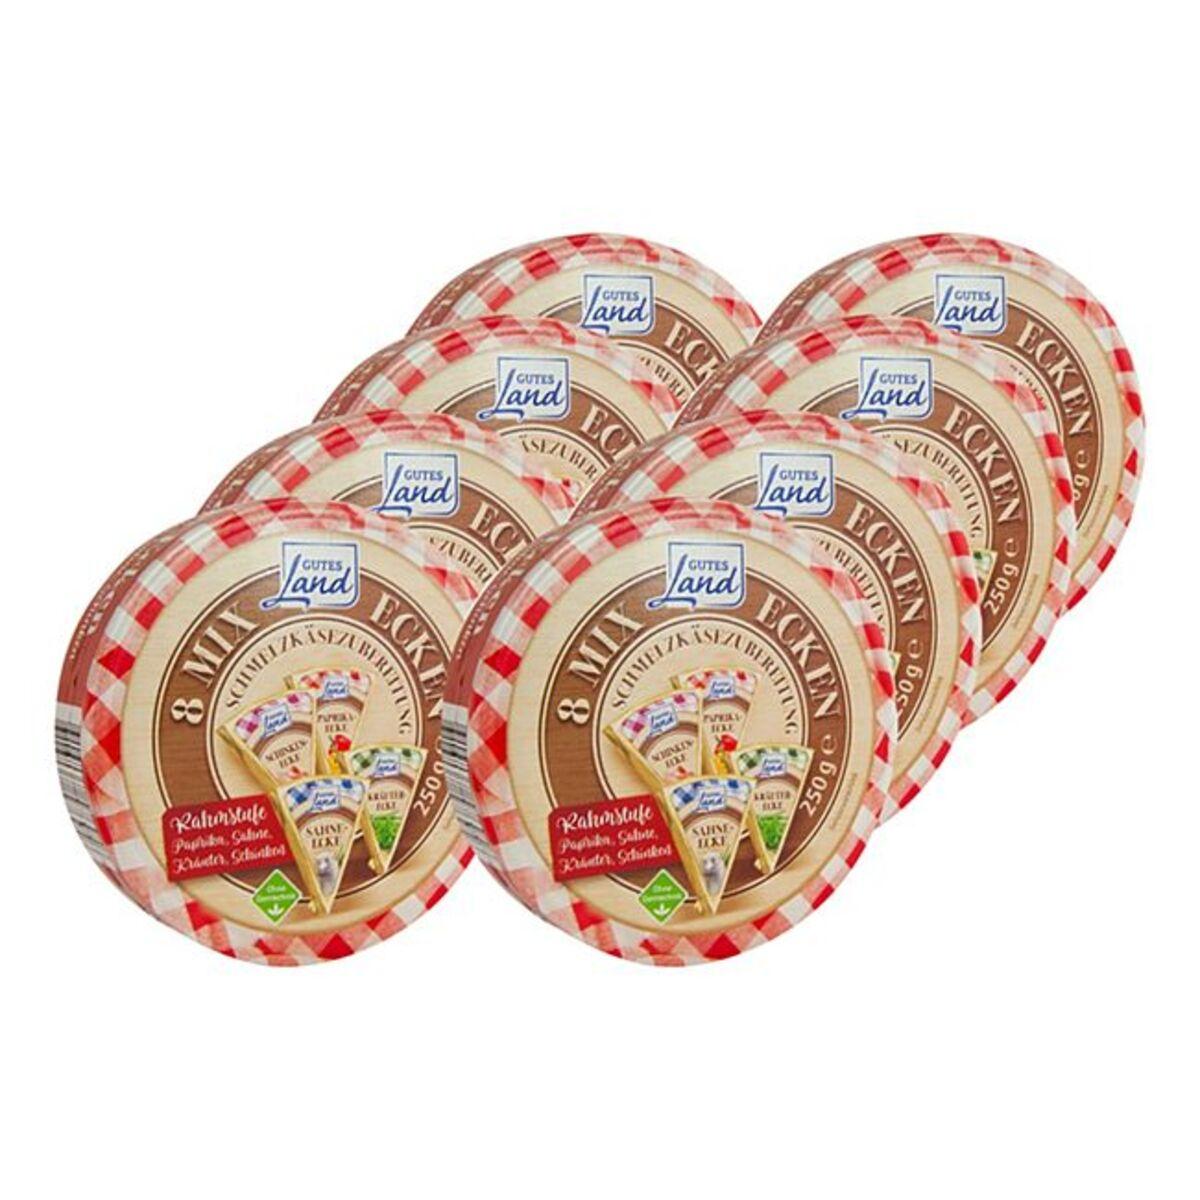 Bild 1 von Gutes Land Runddose Käse-Mix ohne Gentechnik 250 g, 8er Pack